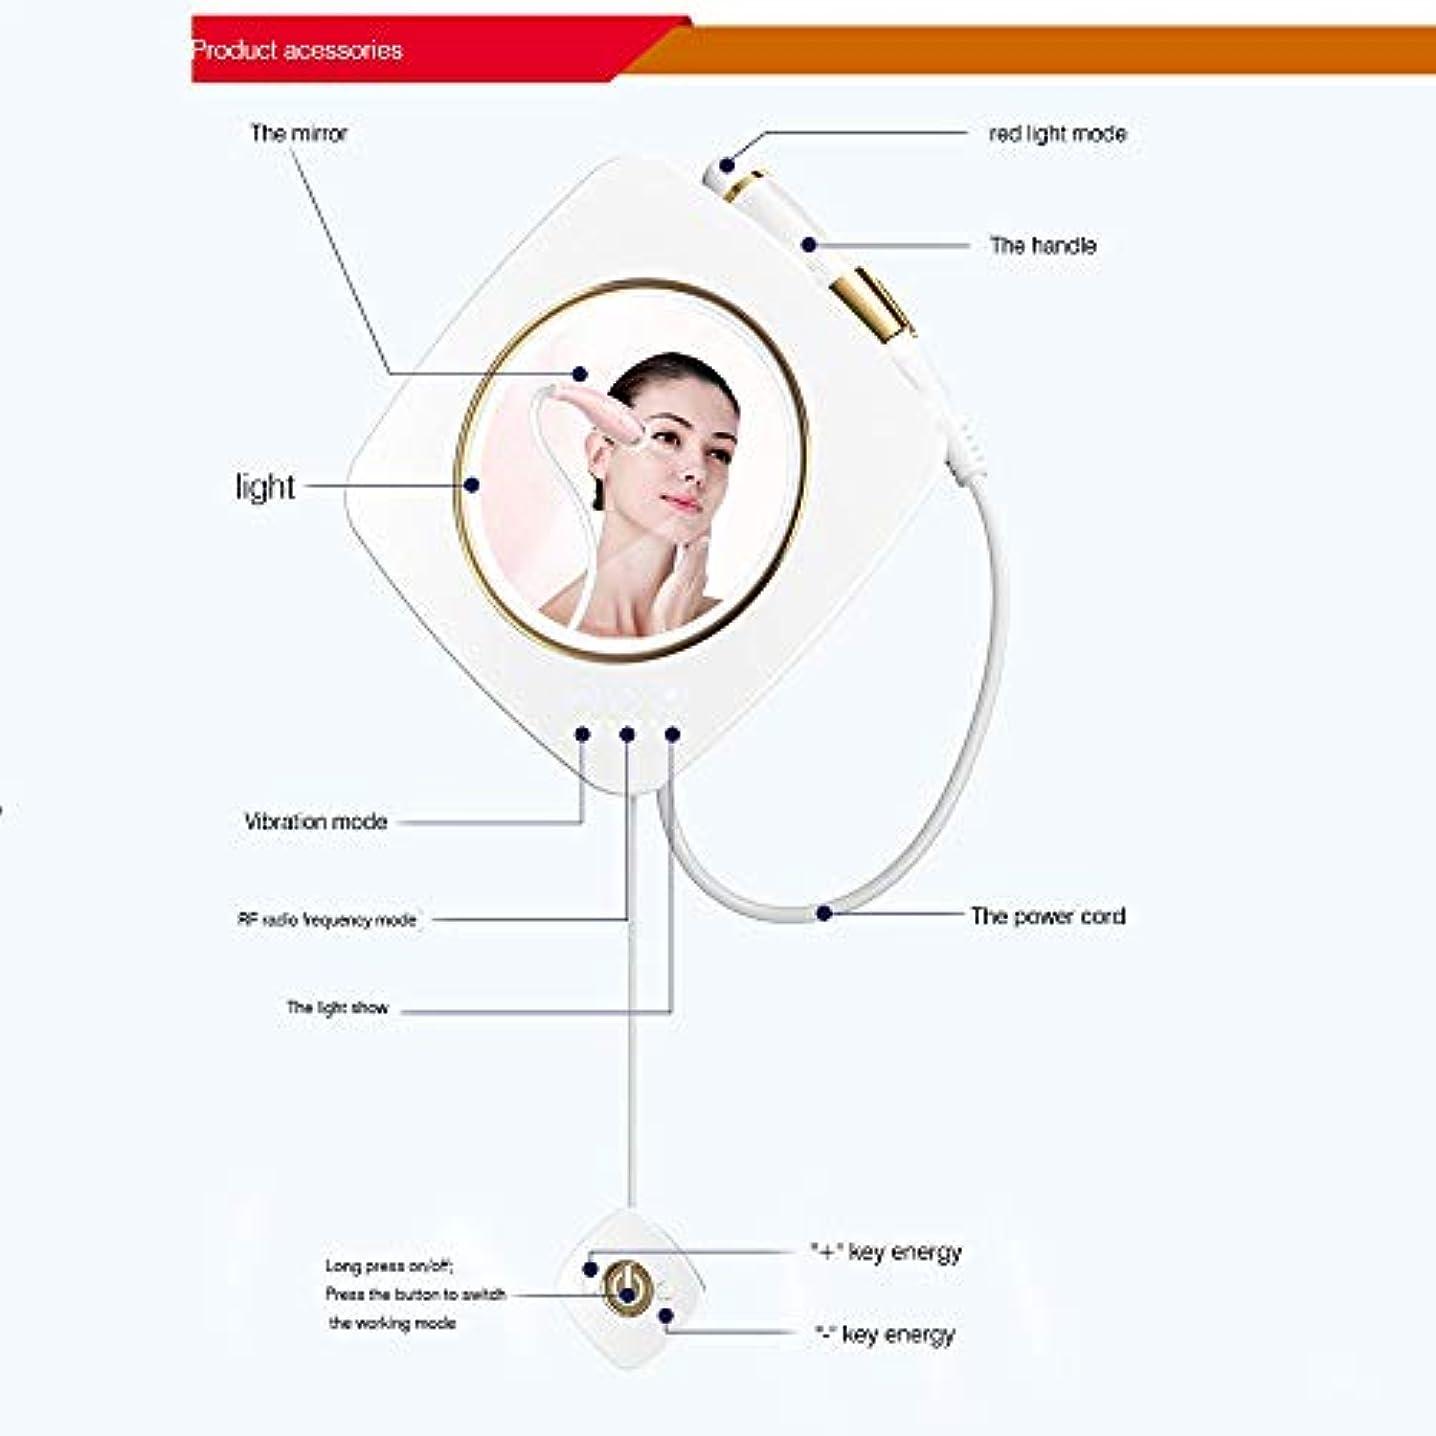 革命生分ポータブルRF無線周波数フェイシャルマシン、電動アイマッサージャー、フェイスリフティングアンチリンクルマシン、ダークサークル付きアイマッサージャー